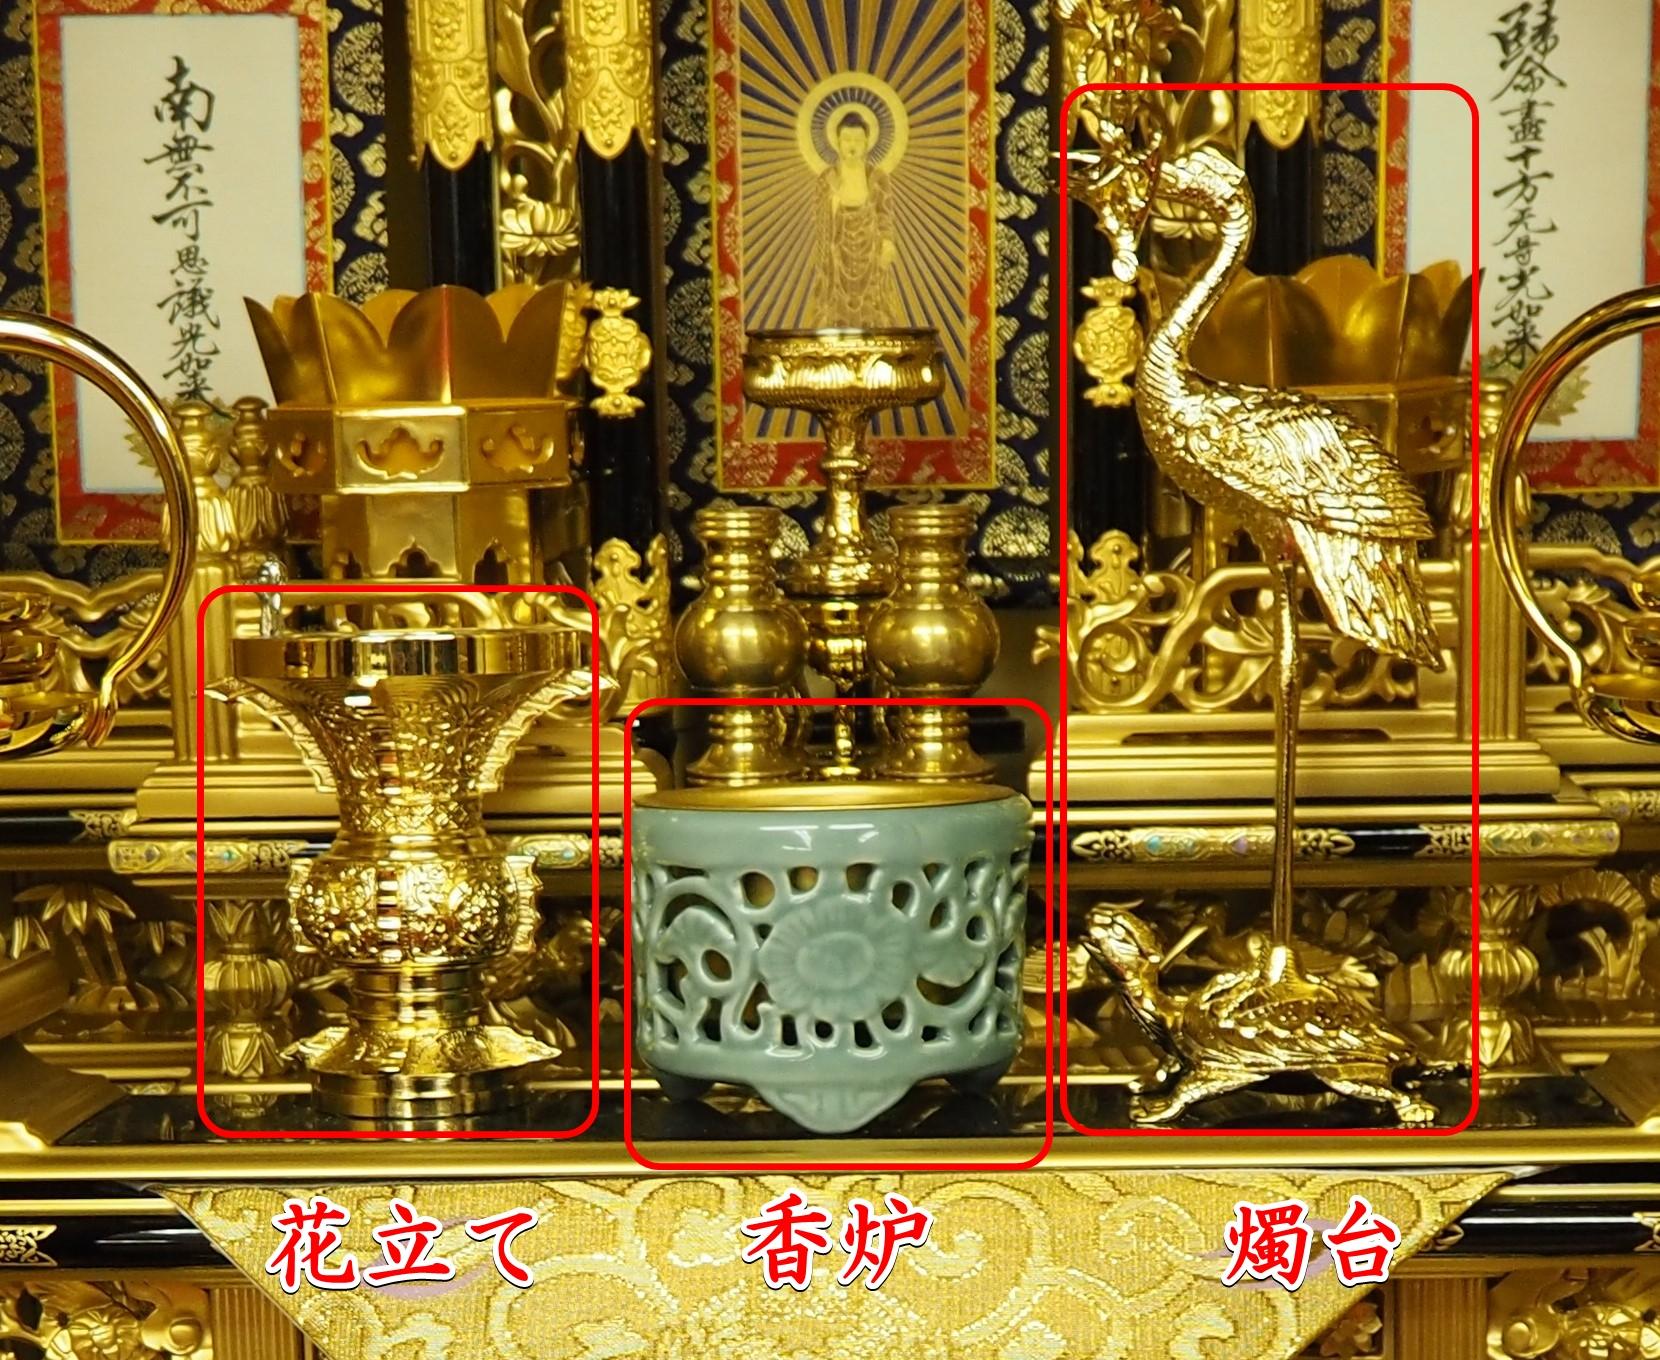 浄土 真宗 仏壇 飾り 方